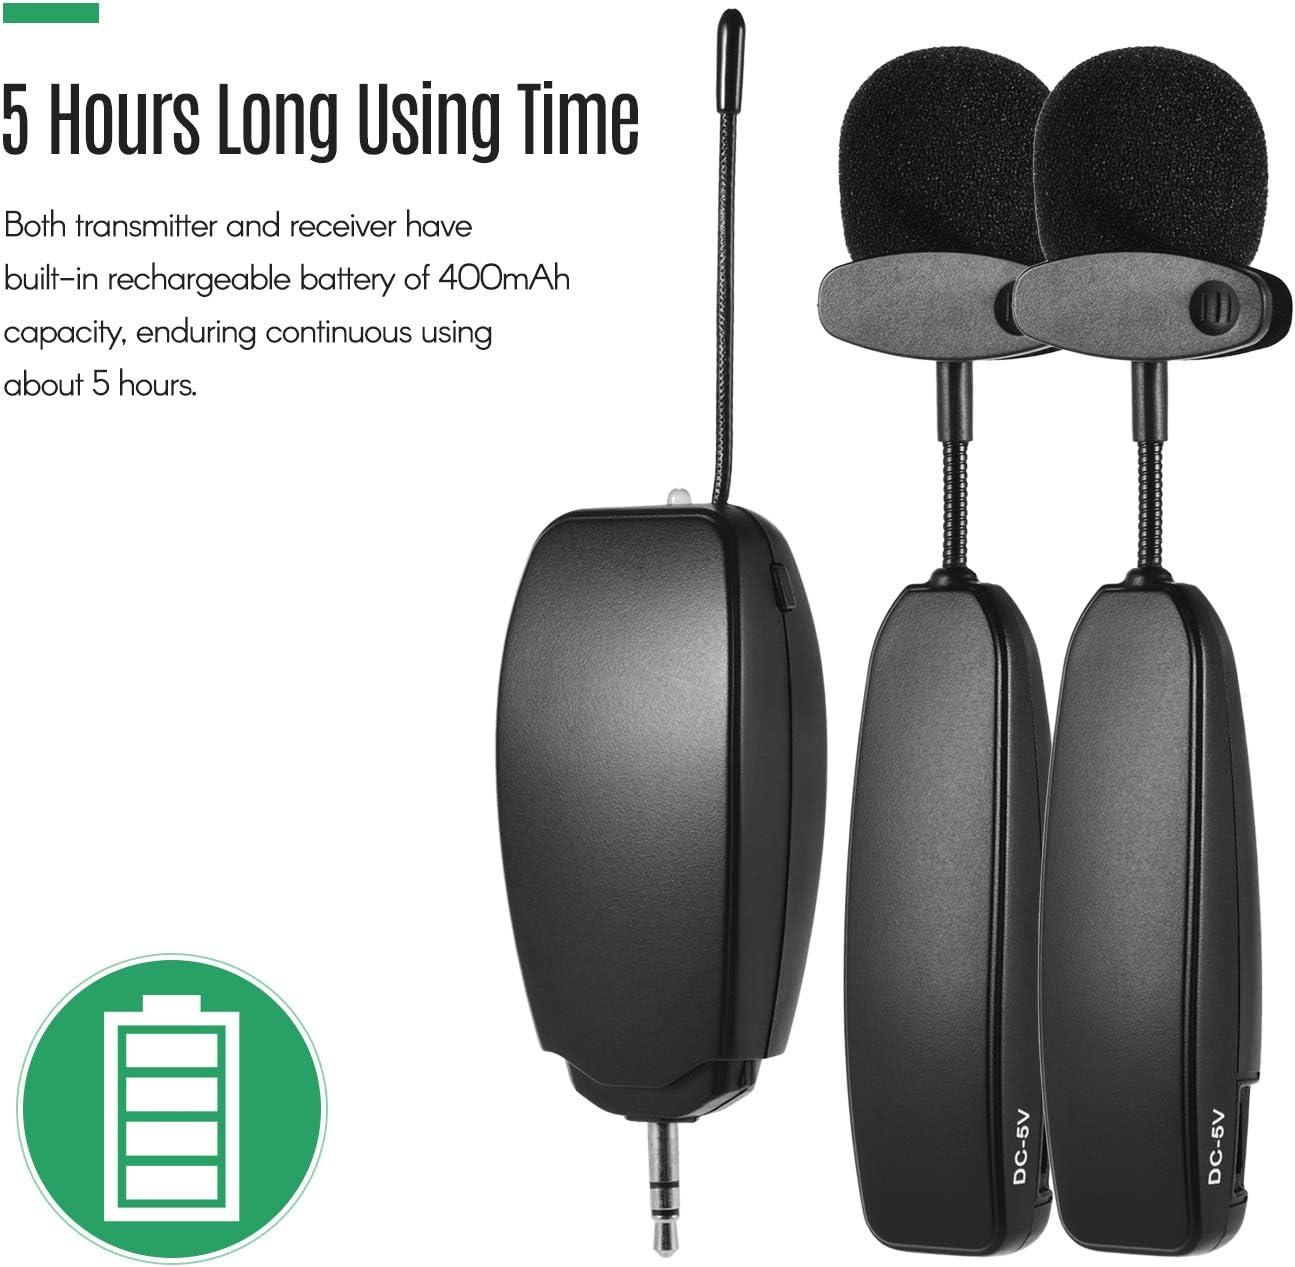 Fesjoy Syst/ème de microphone UHF sans fil 1 /émetteur et 1 r/écepteur instrument de musique cravate micros cravate pour smartphone haut-parleurs dordinateur cam/éras pr/ésentation denseignement